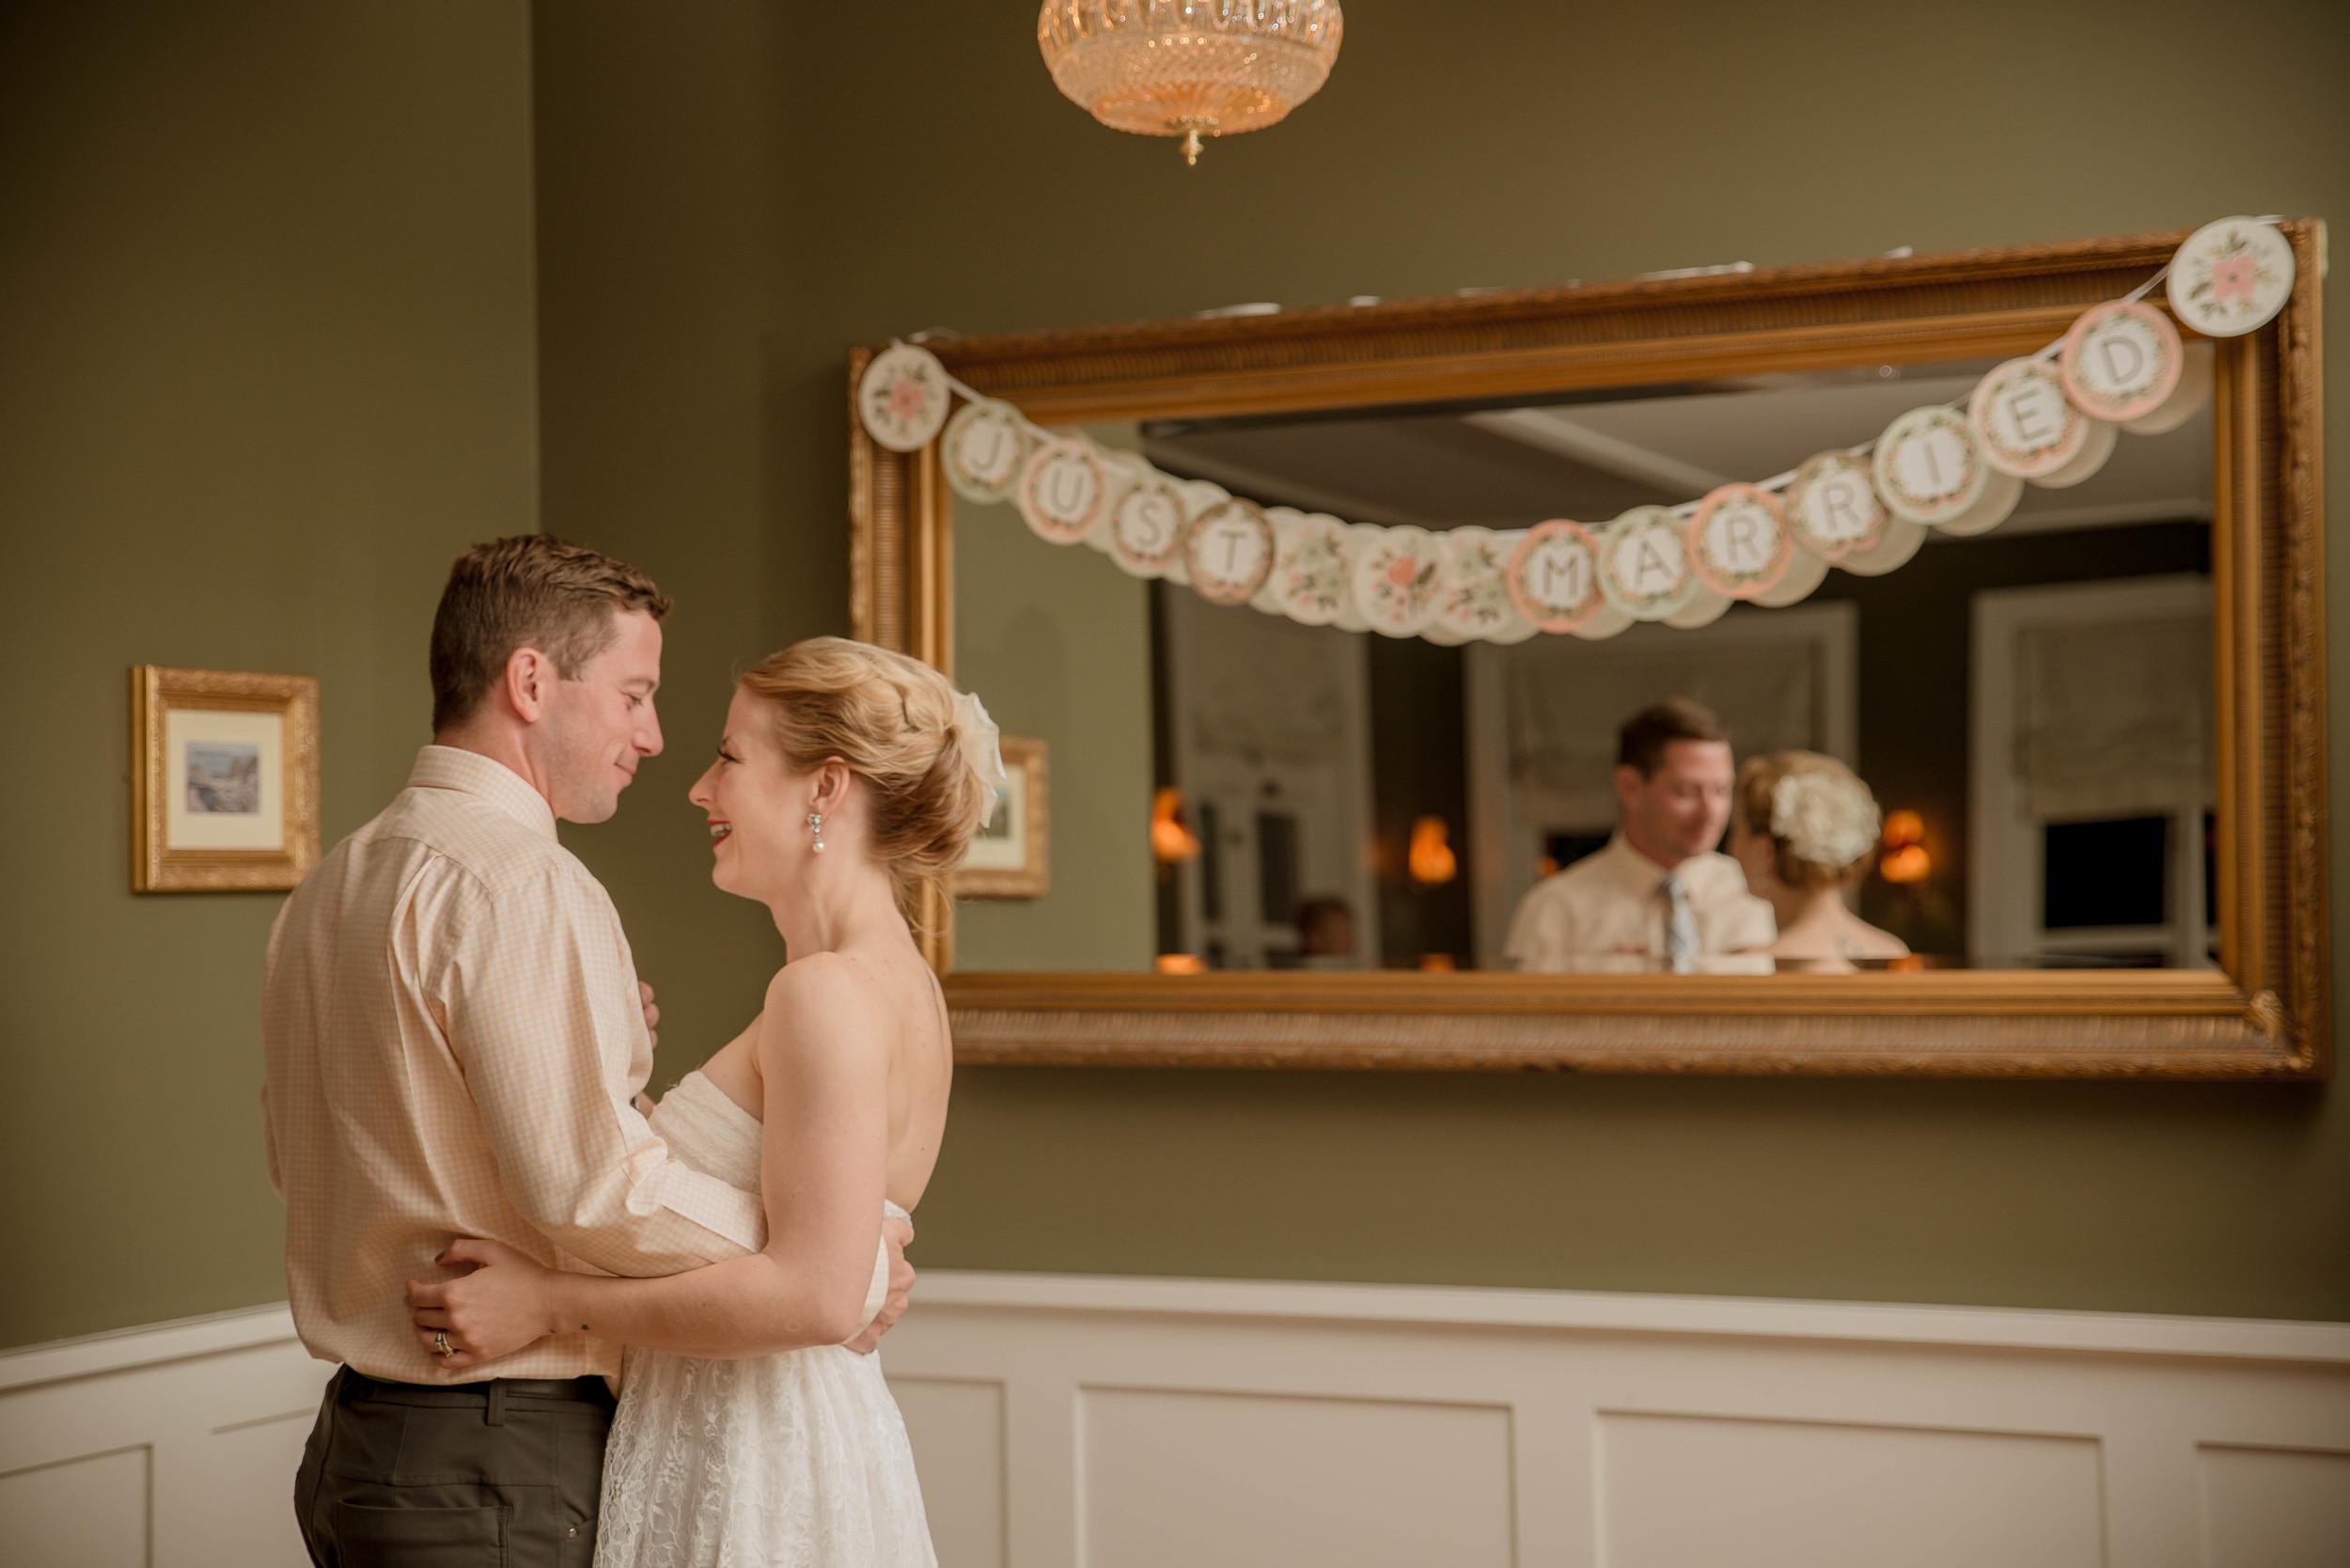 Iceland-Wedding-Photographer-Photos-by-Miss-Ann-59.jpg